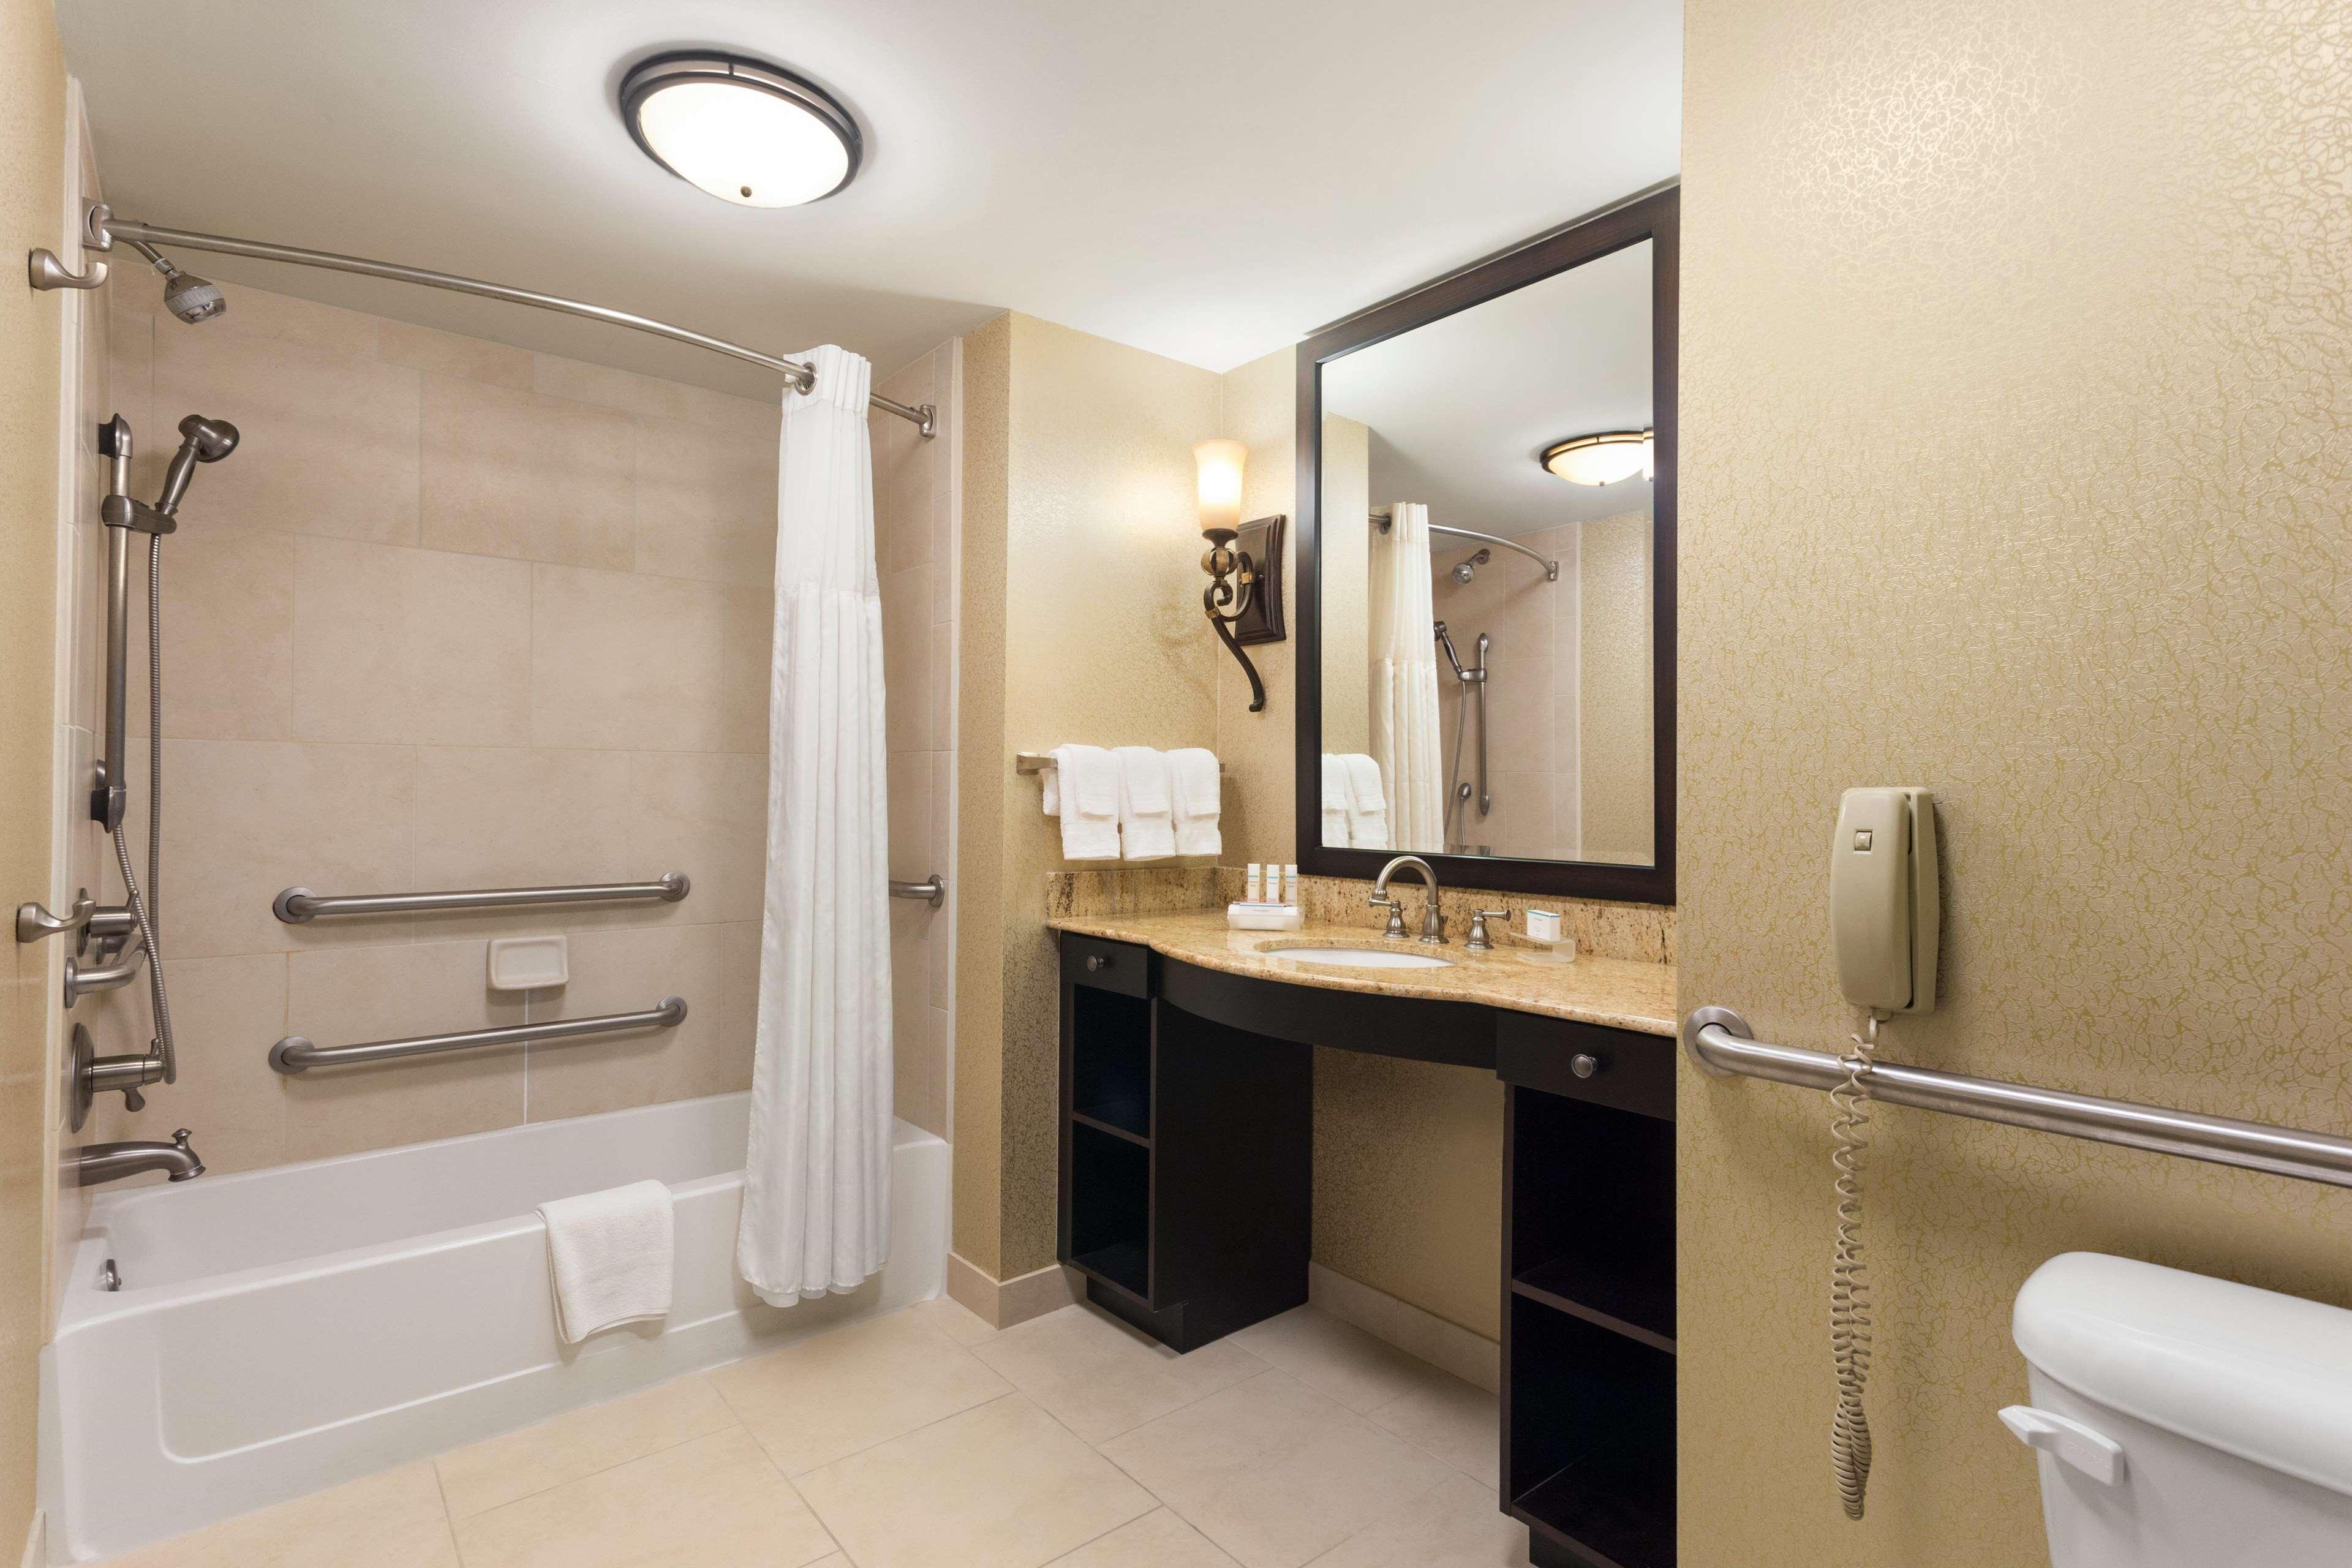 Homewood Suites by Hilton Lafayette-Airport, LA image 12